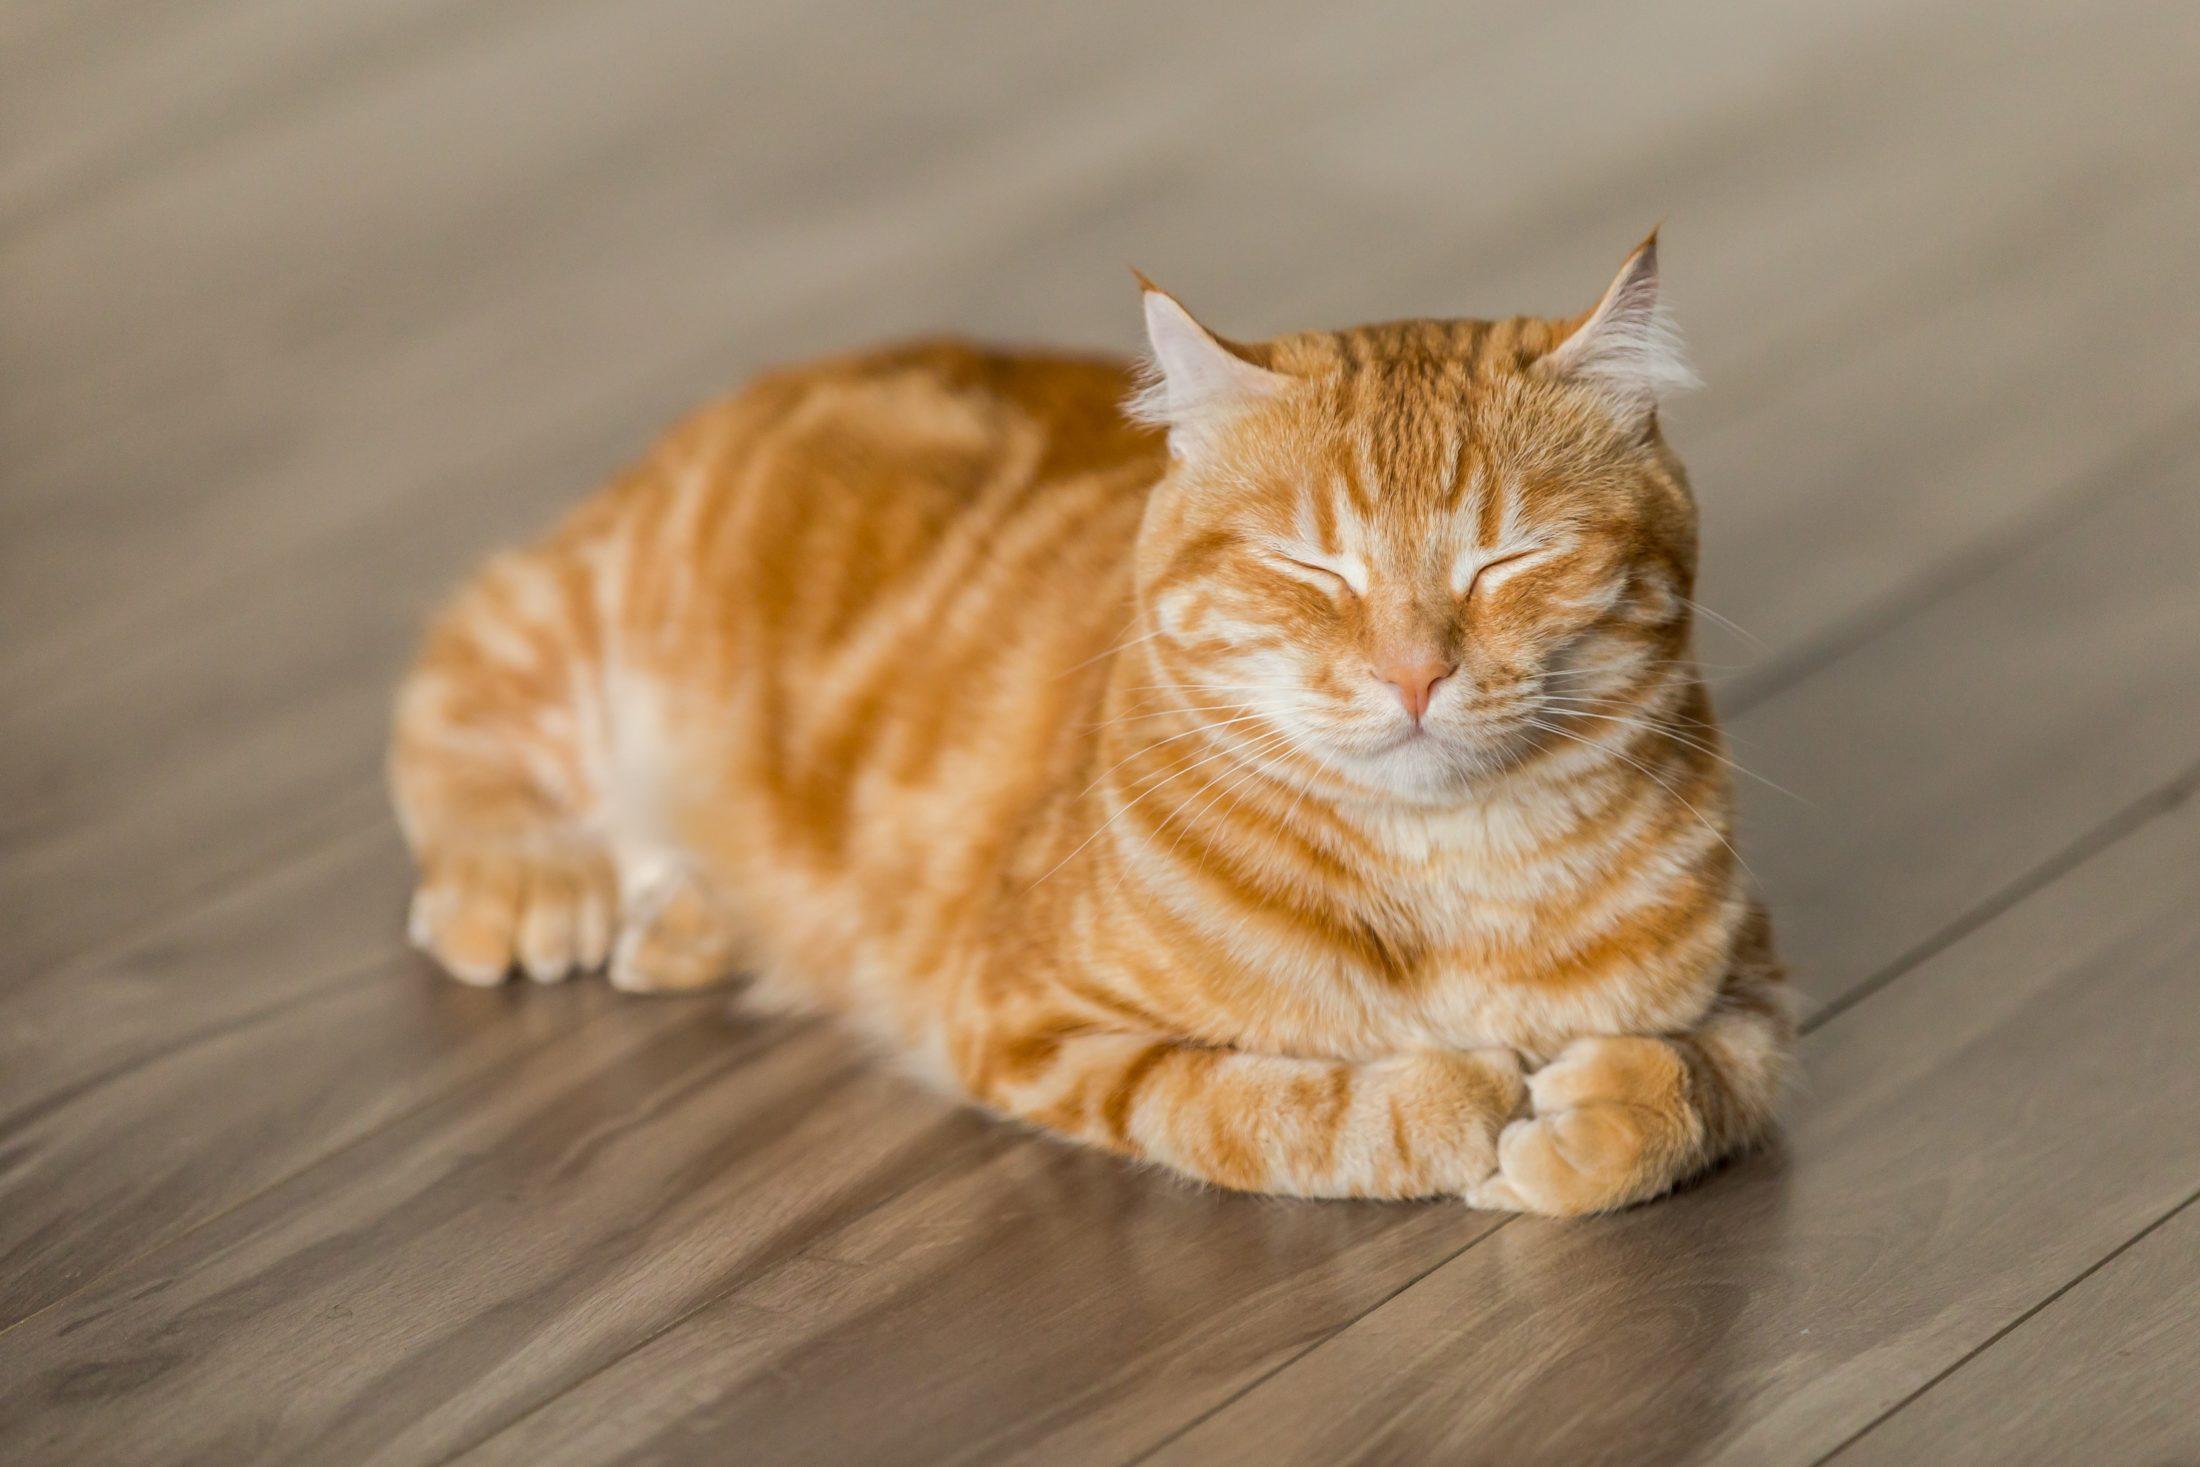 bichano amarelo deitado no chão esperando para tomar remedio de pulgas para gato